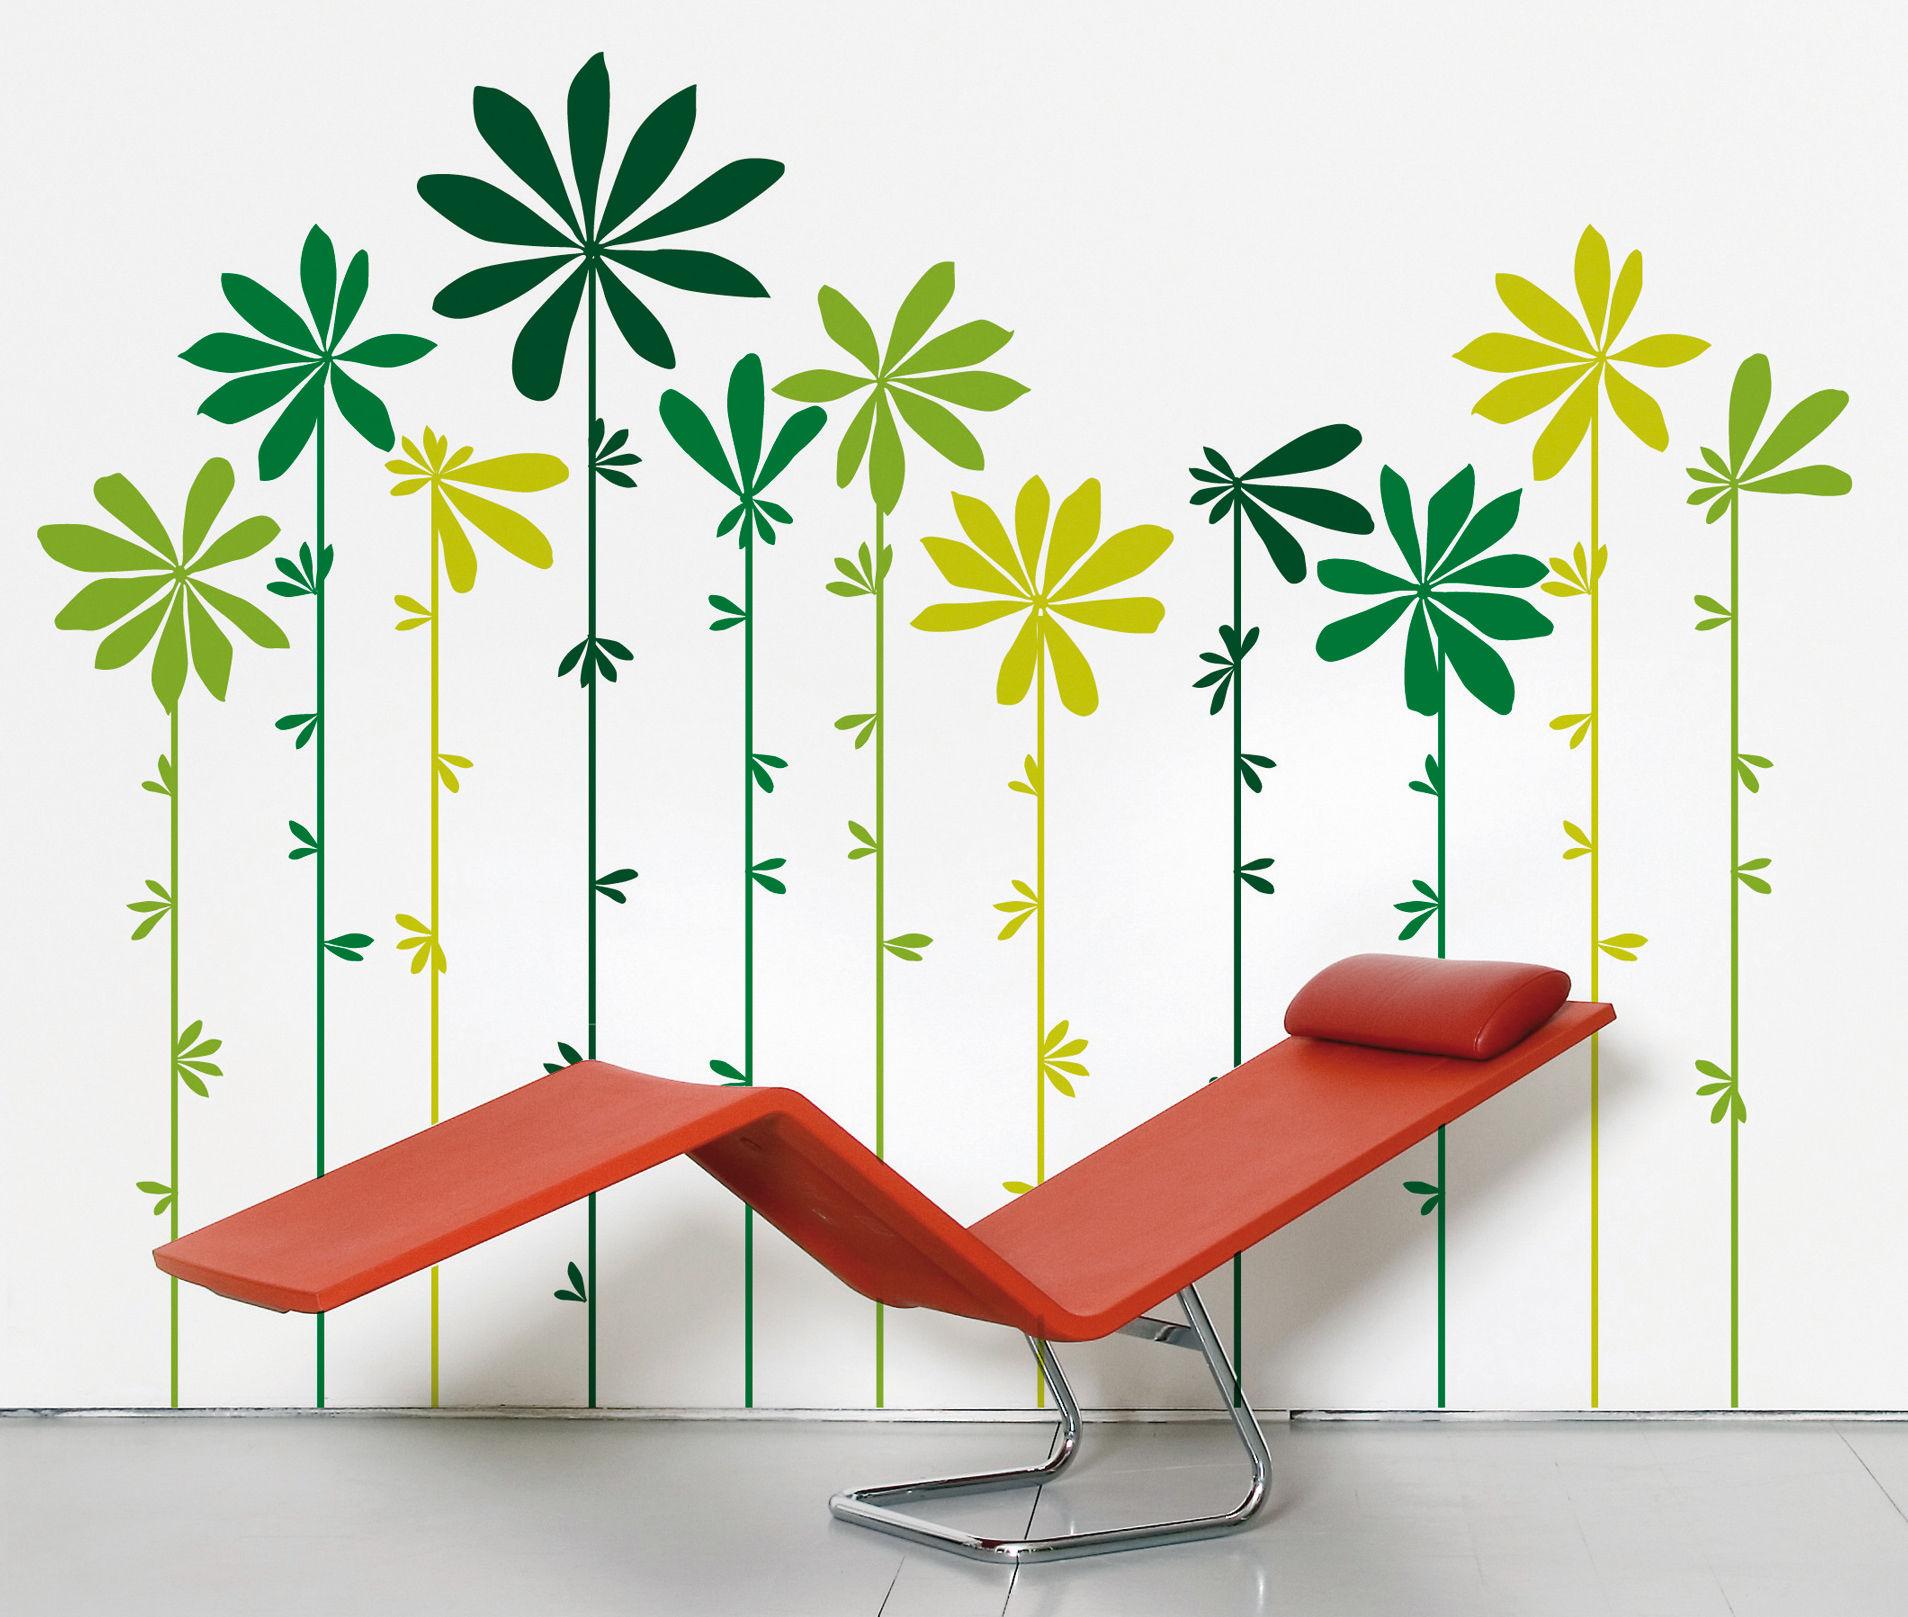 Déco - Stickers, papiers peints & posters - Sticker Tournesol Green - Domestic - Tons verts - Vinyle